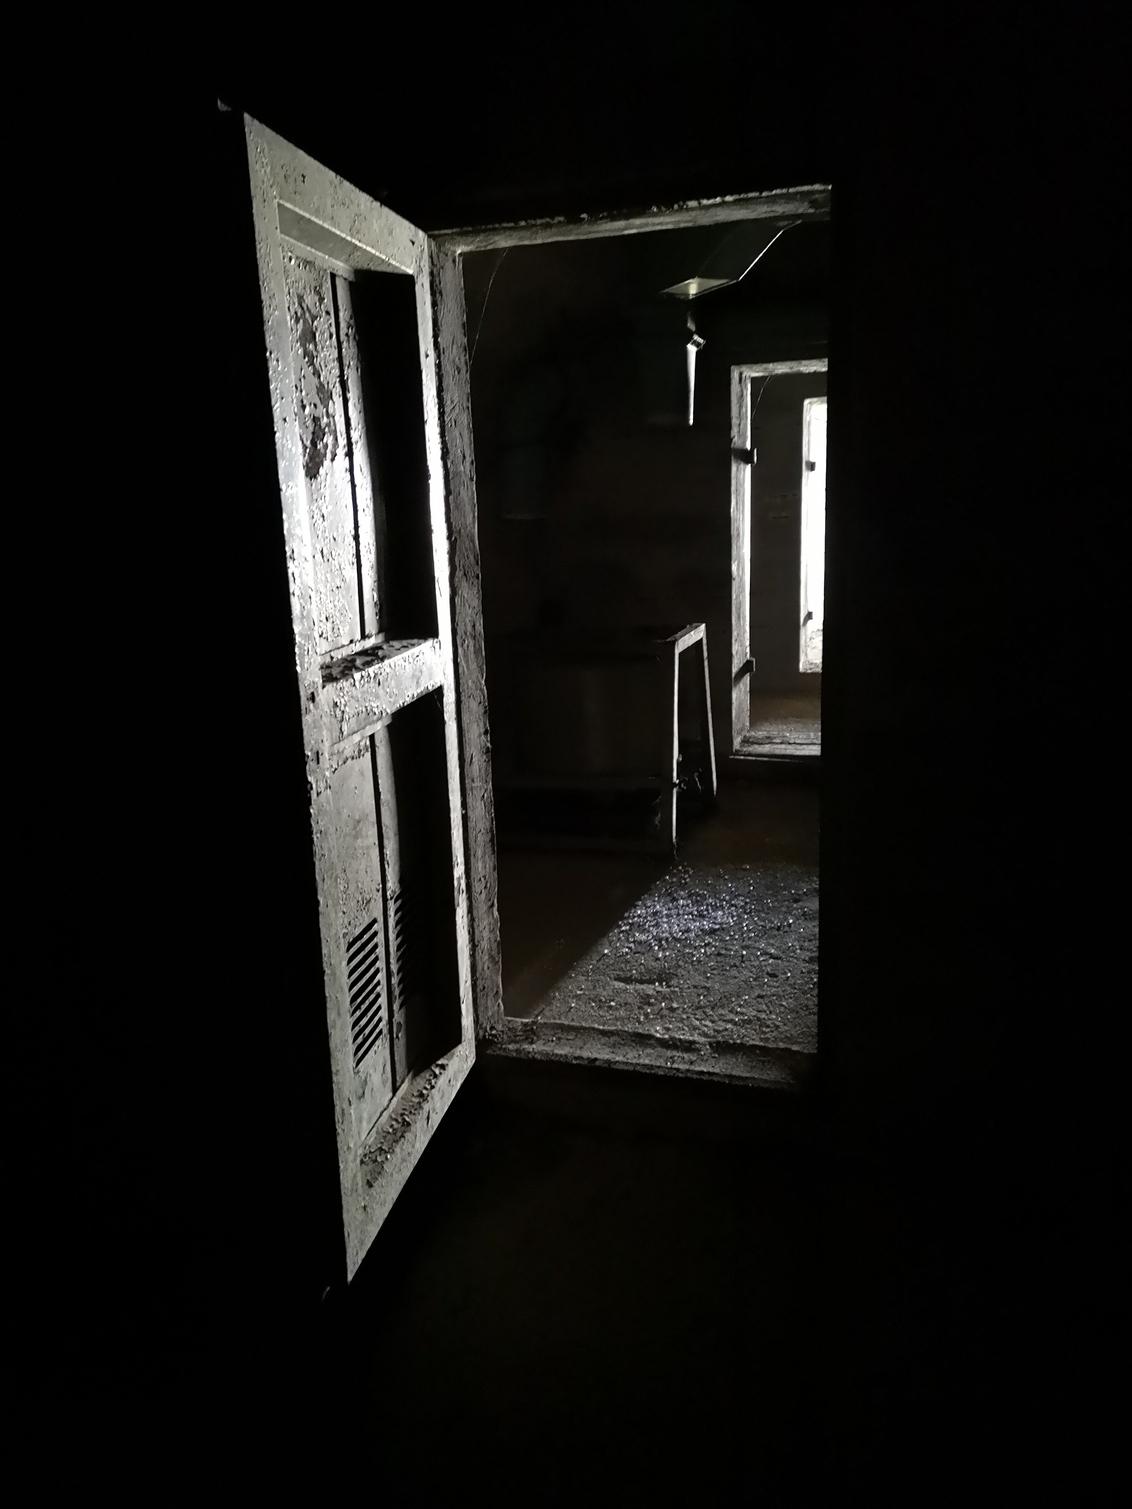 waar wat - - - foto door theabas op 03-03-2021 - deze foto bevat: donker, deur, doorgangen